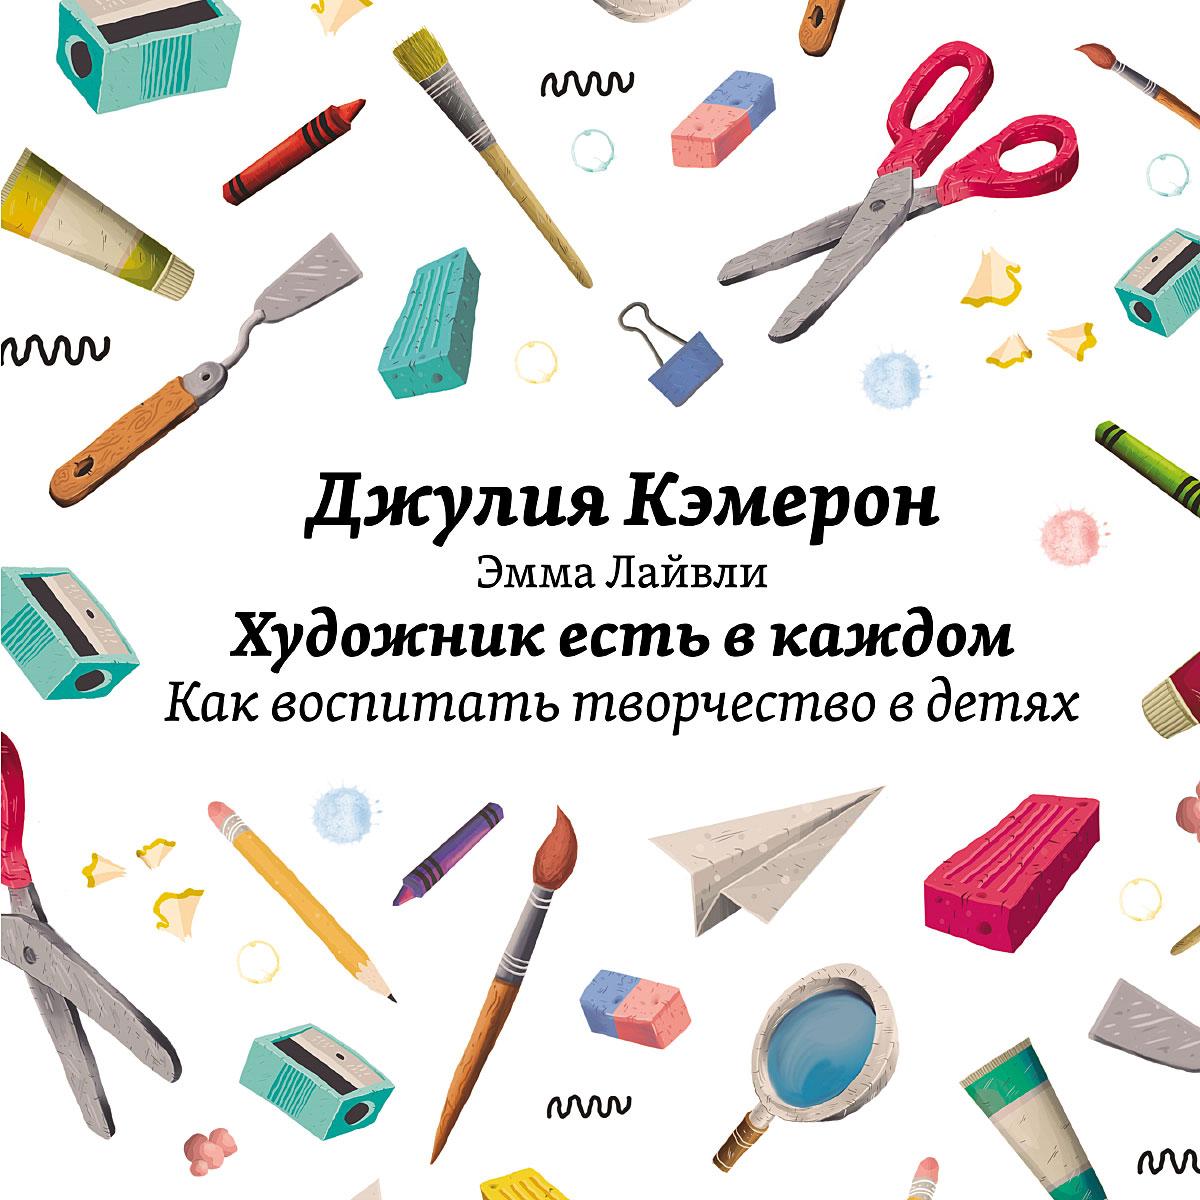 Джулия Кэмерон Художник есть в каждом. Как воспитать творчество в детях джулия кэмерон долгие прогулки практический подход к творчеству